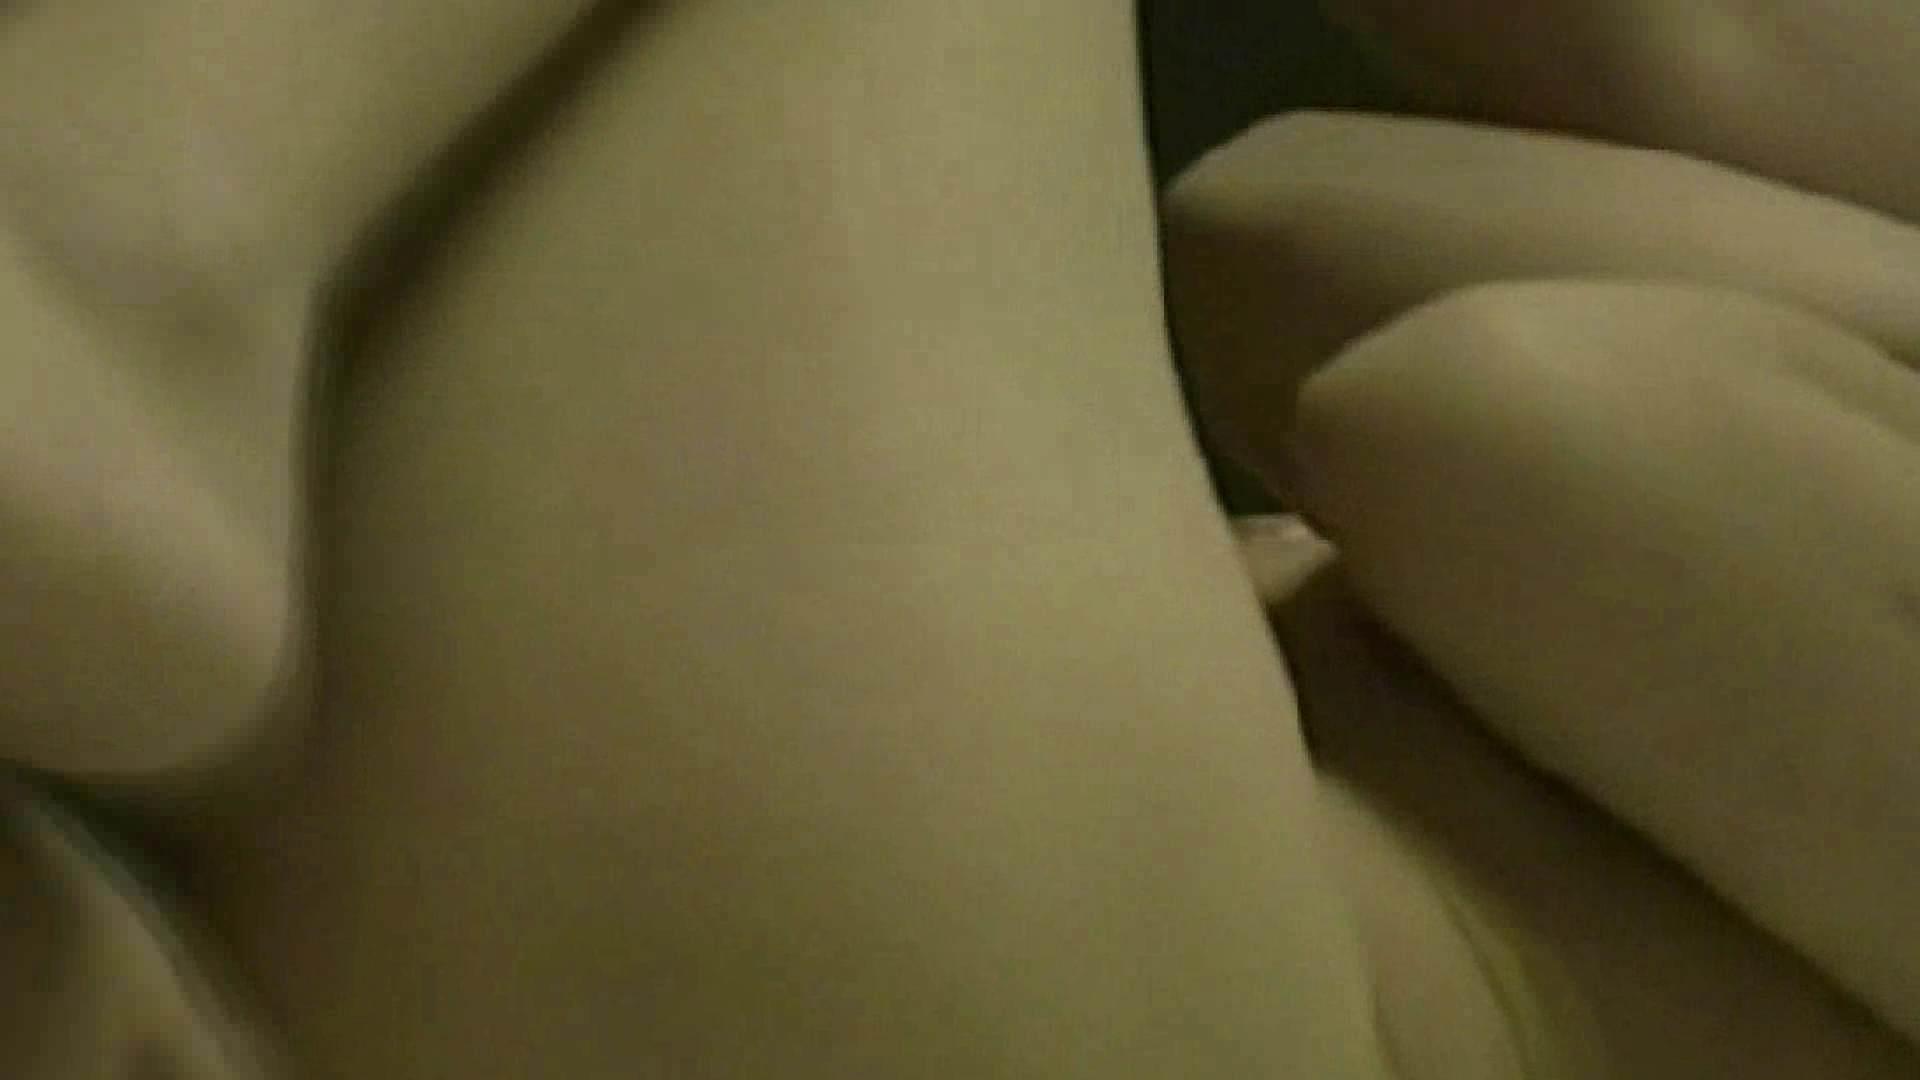 最愛の妻 TAKAKO 愛のSEX Vol.01 一般投稿 おまんこ動画流出 111pic 54